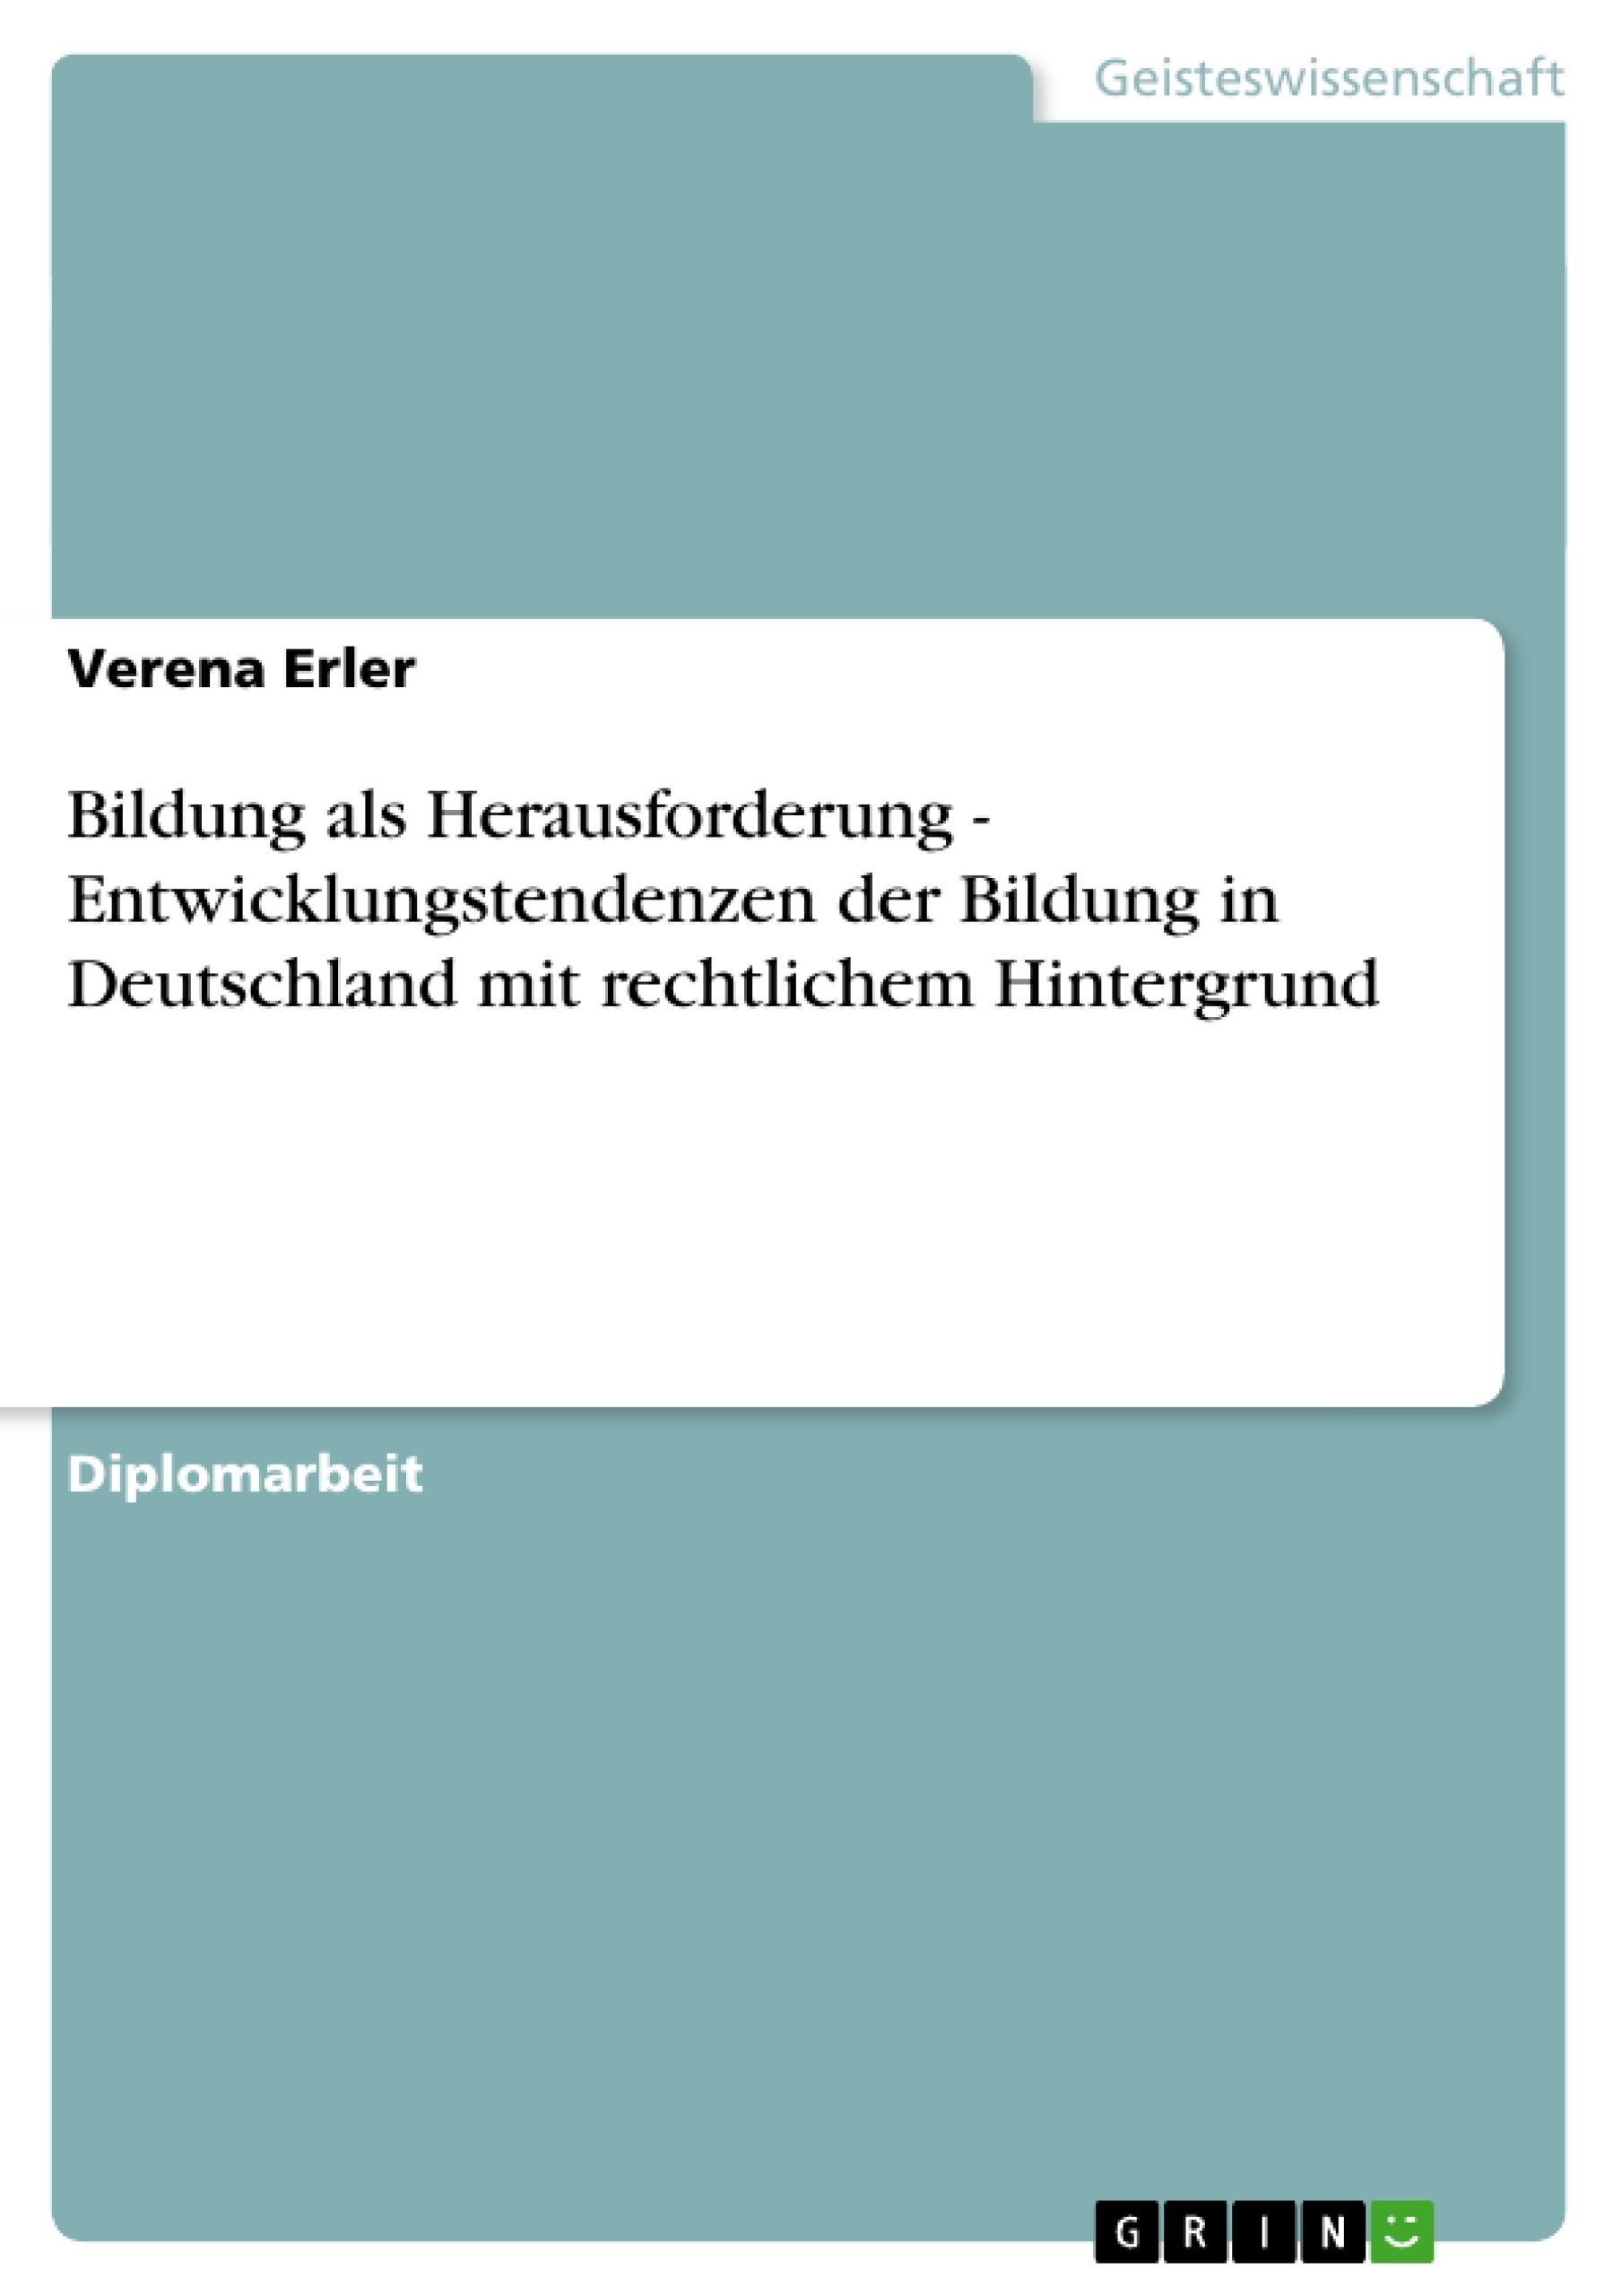 Titel: Bildung als Herausforderung - Entwicklungstendenzen der Bildung in Deutschland mit rechtlichem Hintergrund